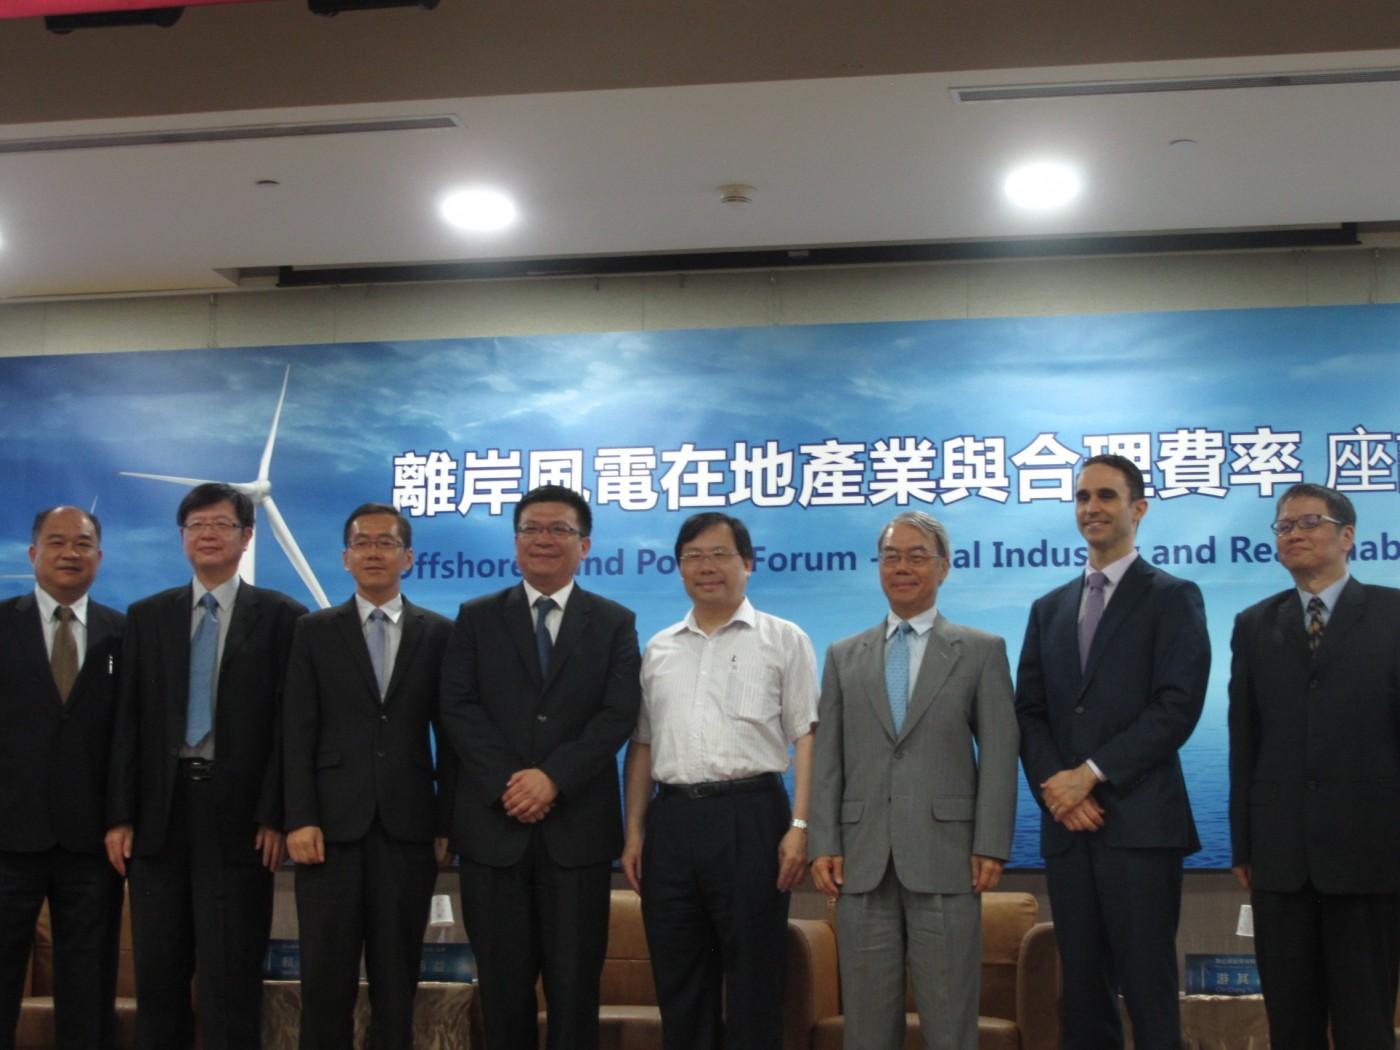 離岸風電費率引發爭議,世紀鋼董事長嘆:台灣自己不爭氣